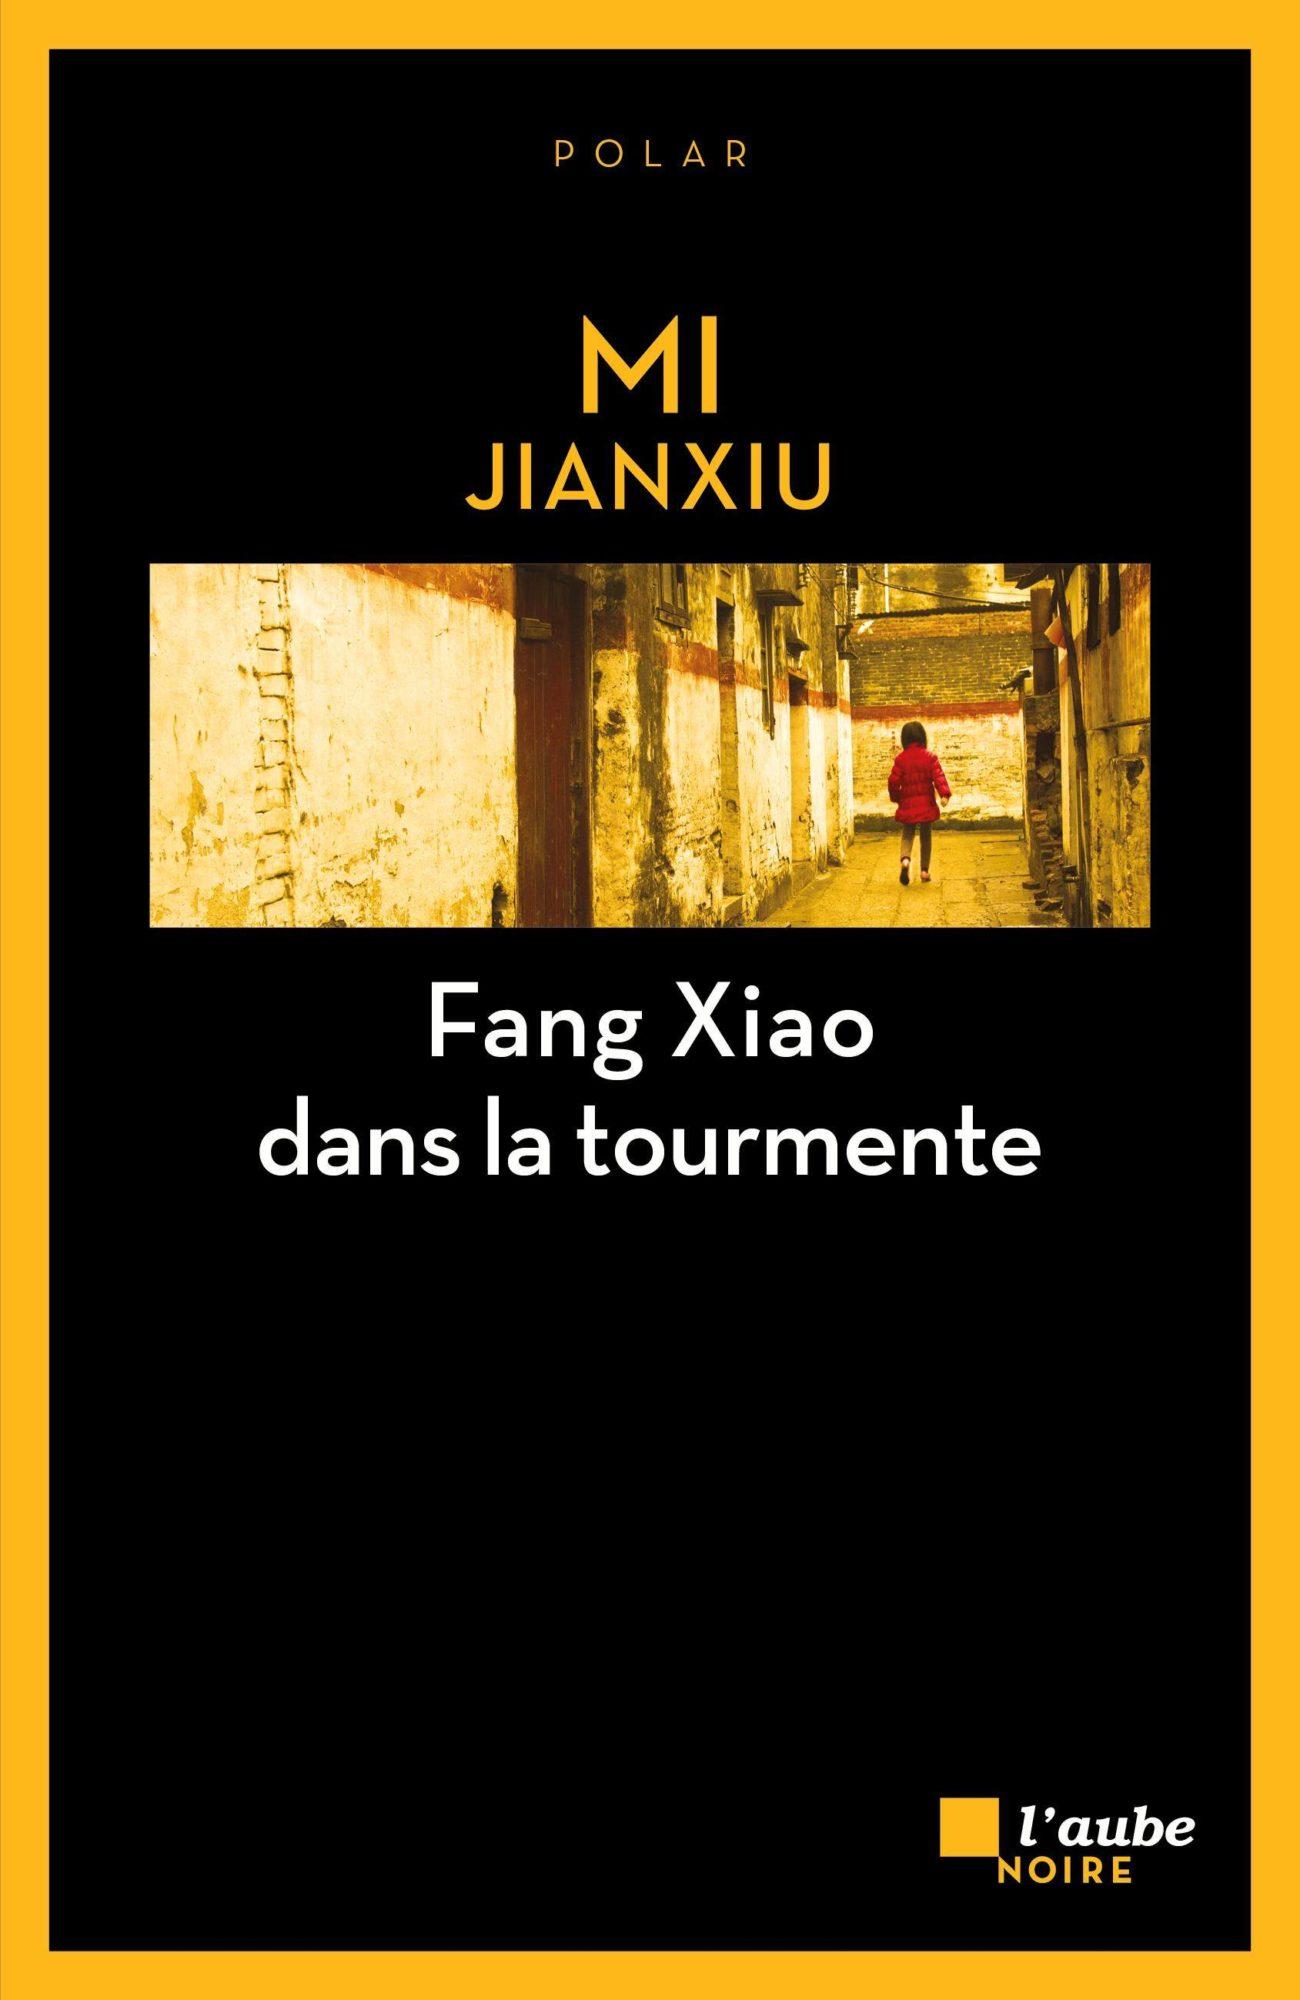 Fang Xiao dans la tourmente